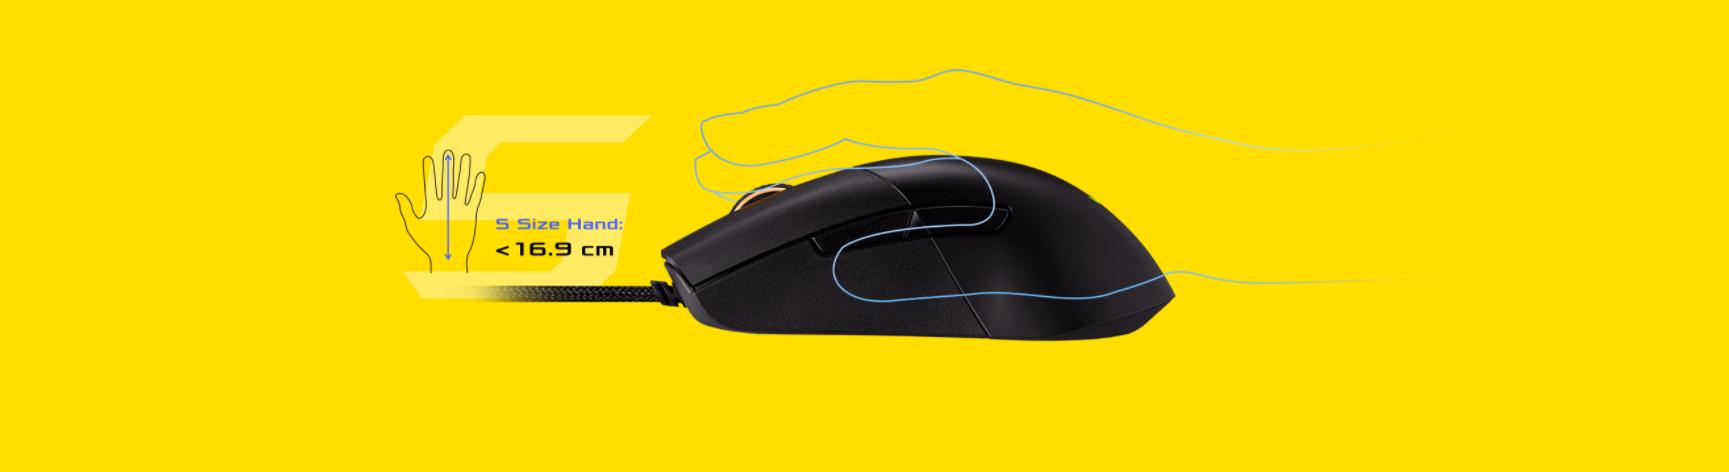 Chuột Asus ROG Keris (USB/RGB/màu đen) có form ergonomic quen thuộc